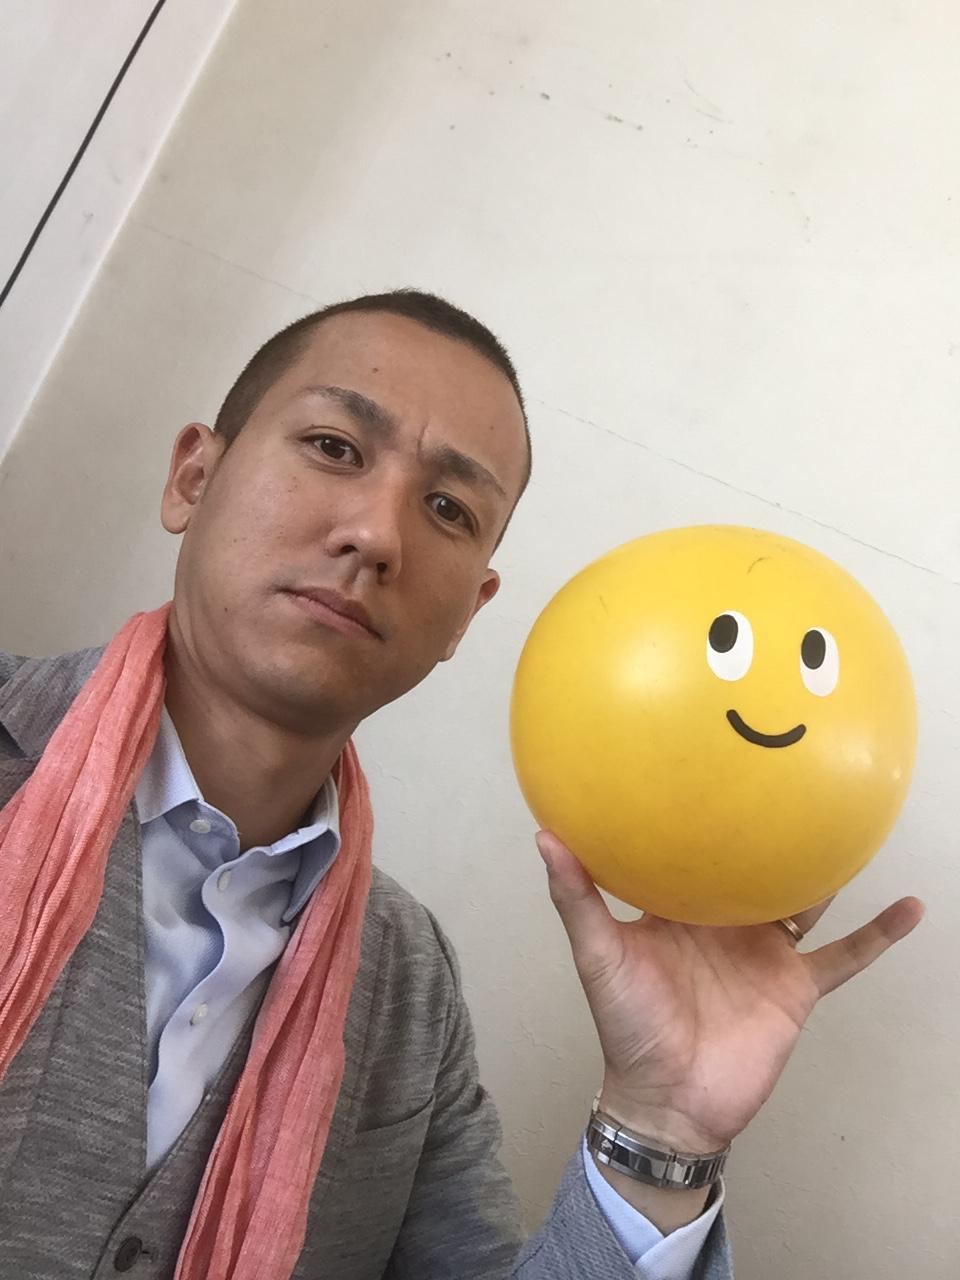 10月17日 店長のニコニコブログ!今日は納車ラッシュです☆_b0127002_23421182.jpg